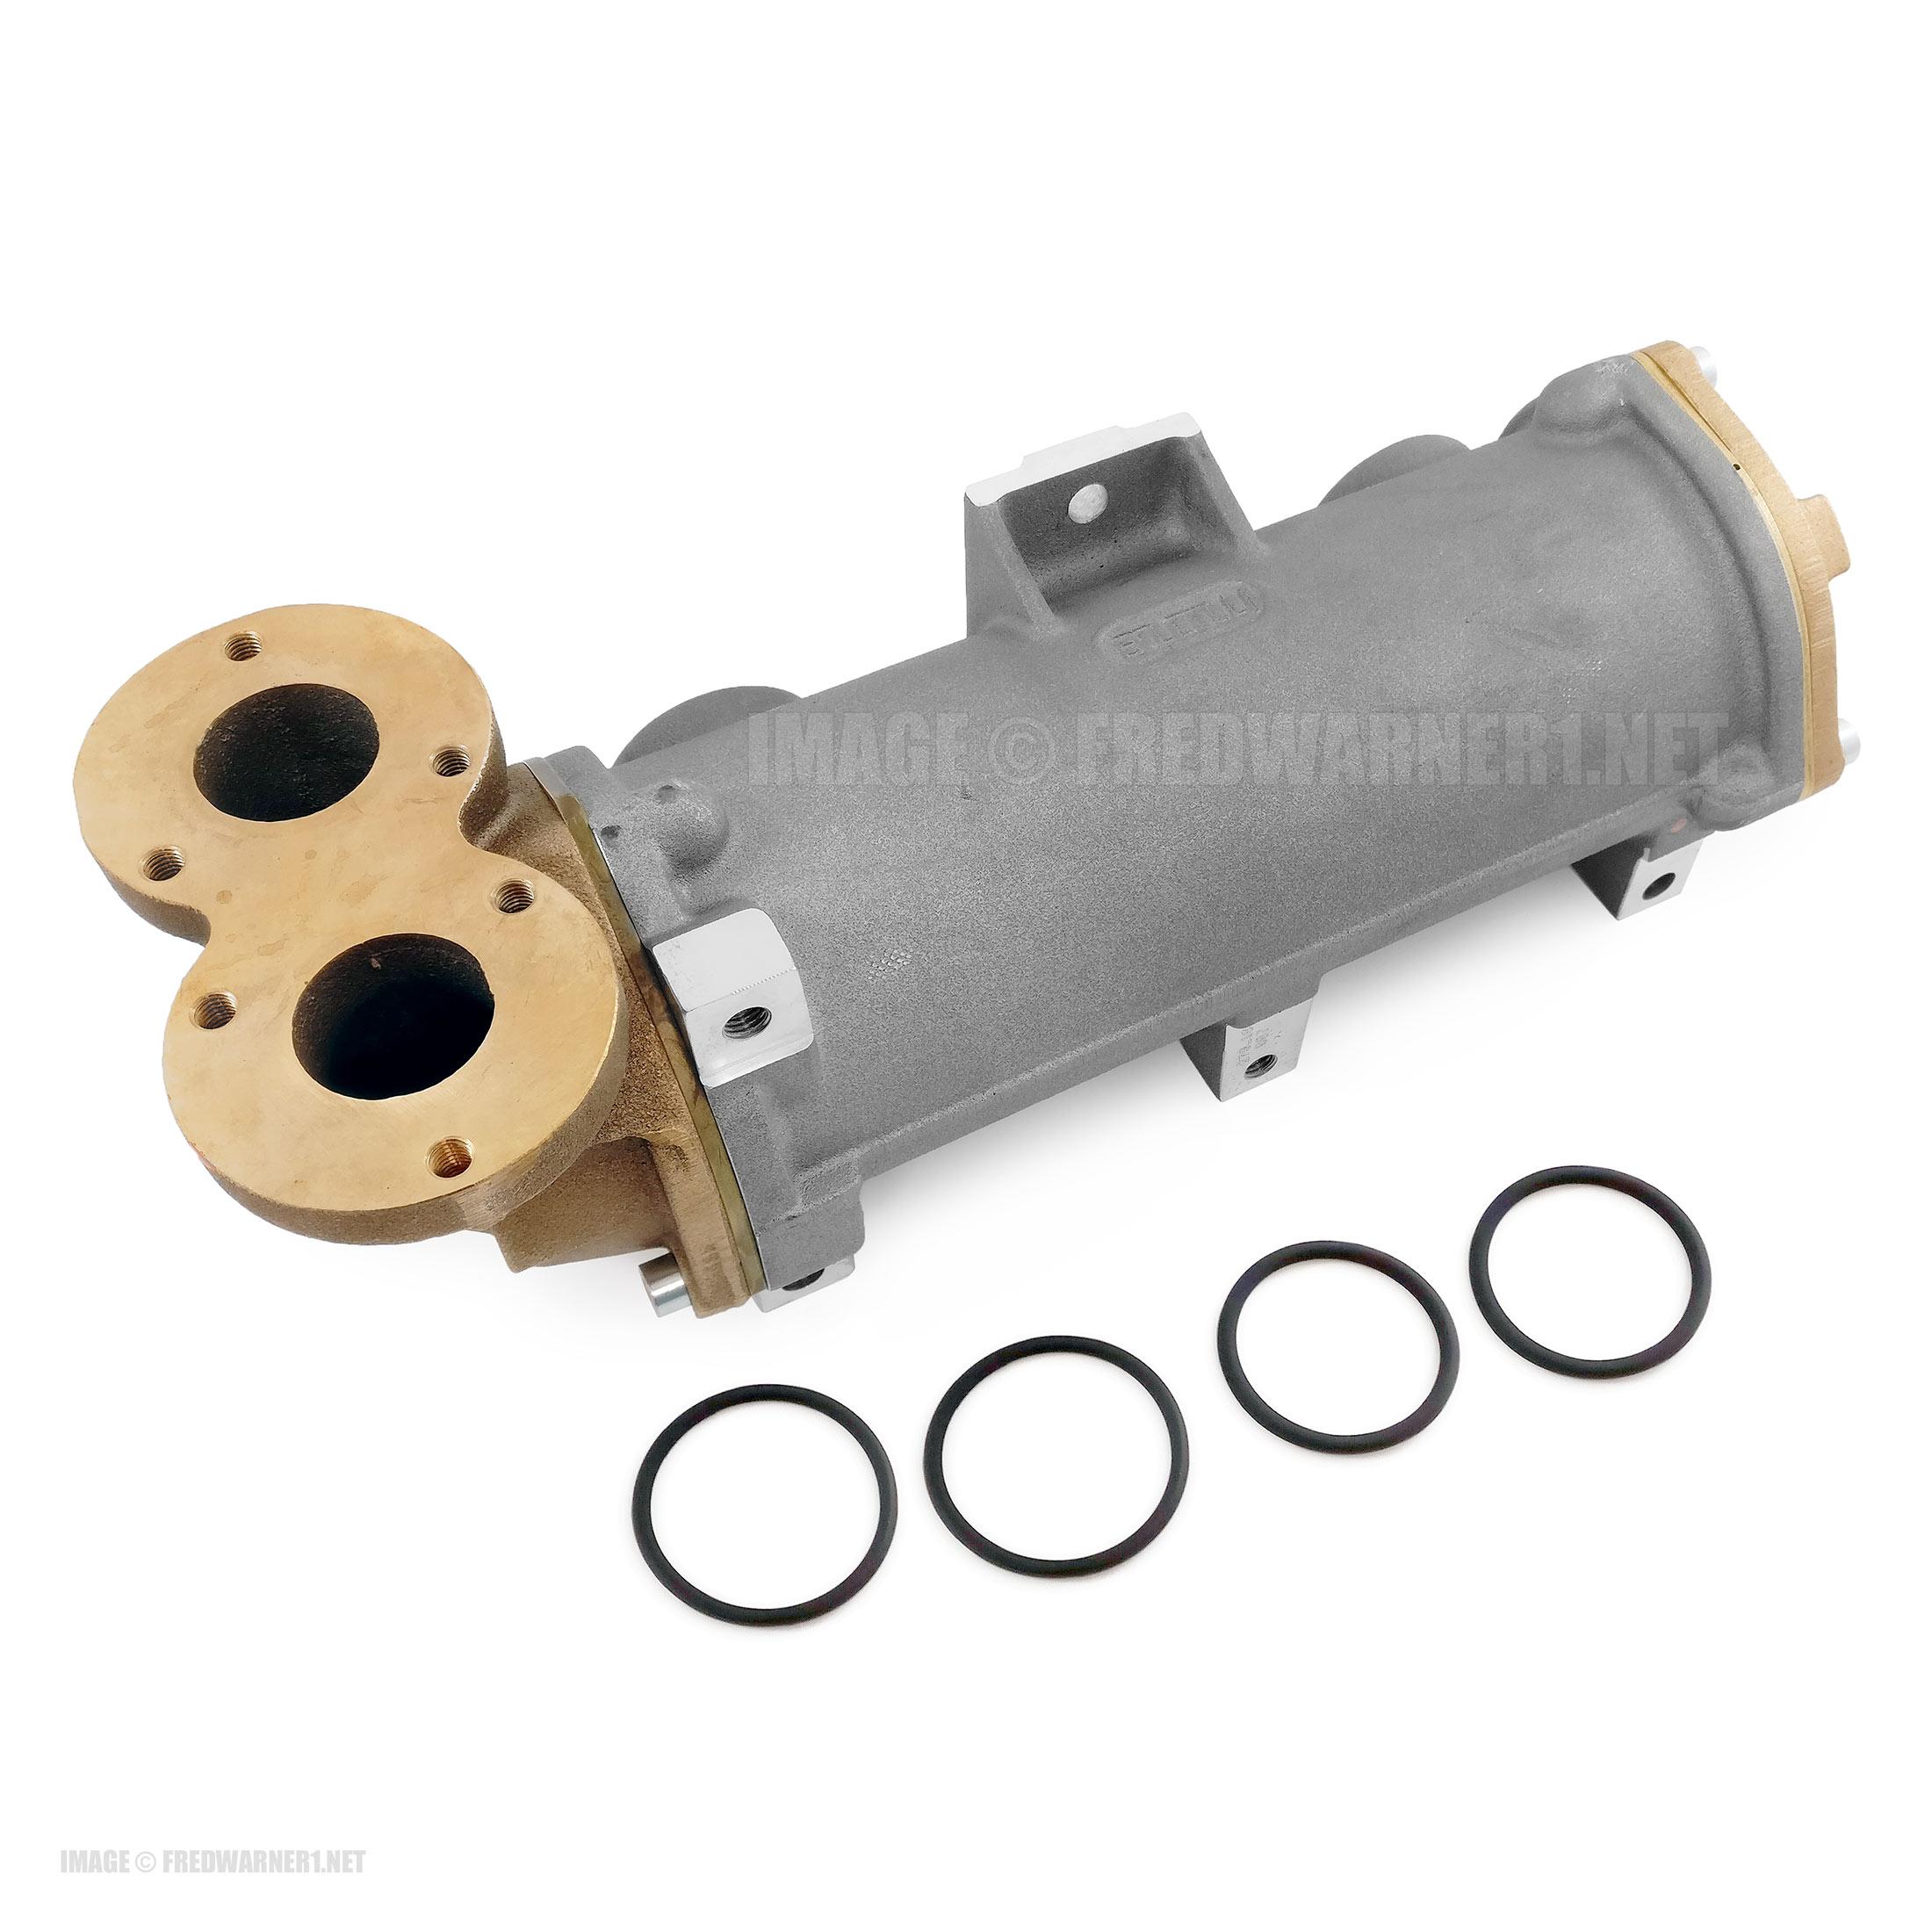 ZF 0501214976 Marine Transmission Oil Cooler 1950 2000 2050 2060 2070 2150